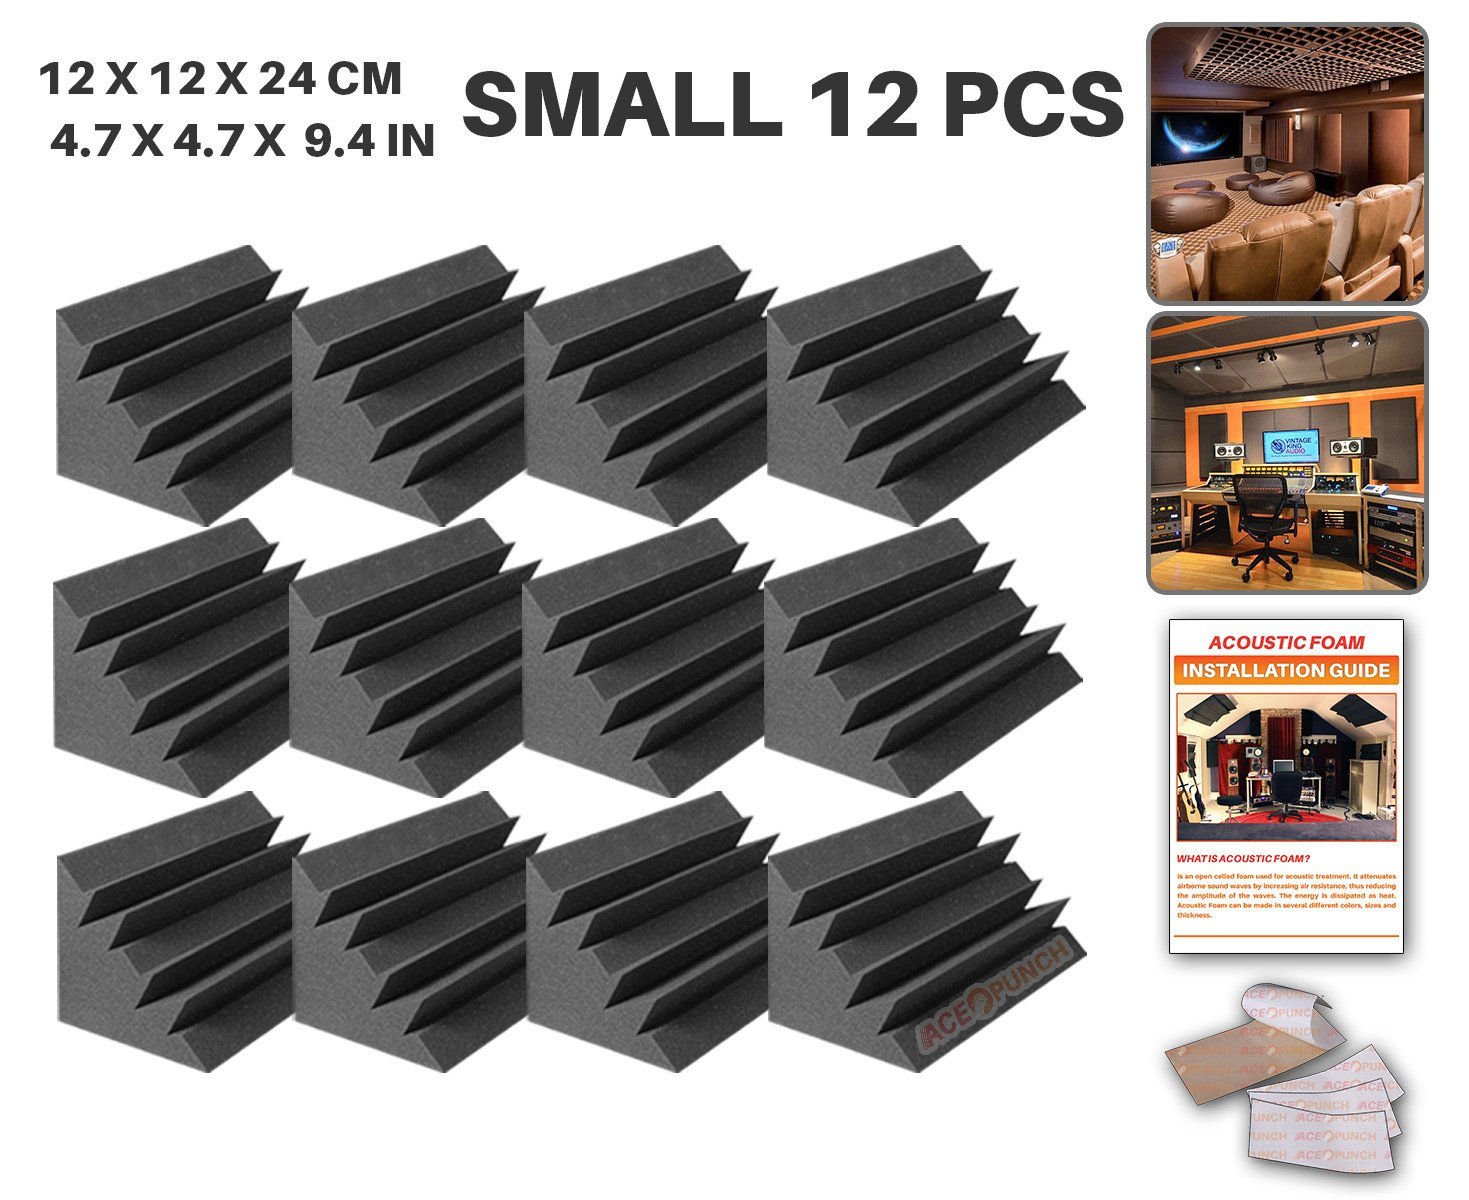 Ace Punch 12 Piezas Trampa de Graves Aislamiento Acústica Estudios Profesionales Espuma Conjunto Libre Cinta Adhesiva 12 X 12 X 24 cm (4.7 X 4.7 X 9.4 in) AP1133